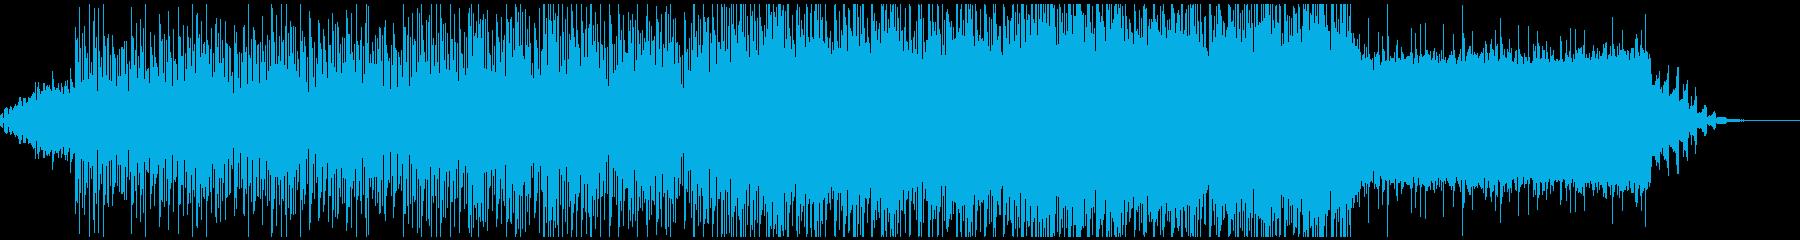 情報番組・天気予報など向け軽めのトランスの再生済みの波形